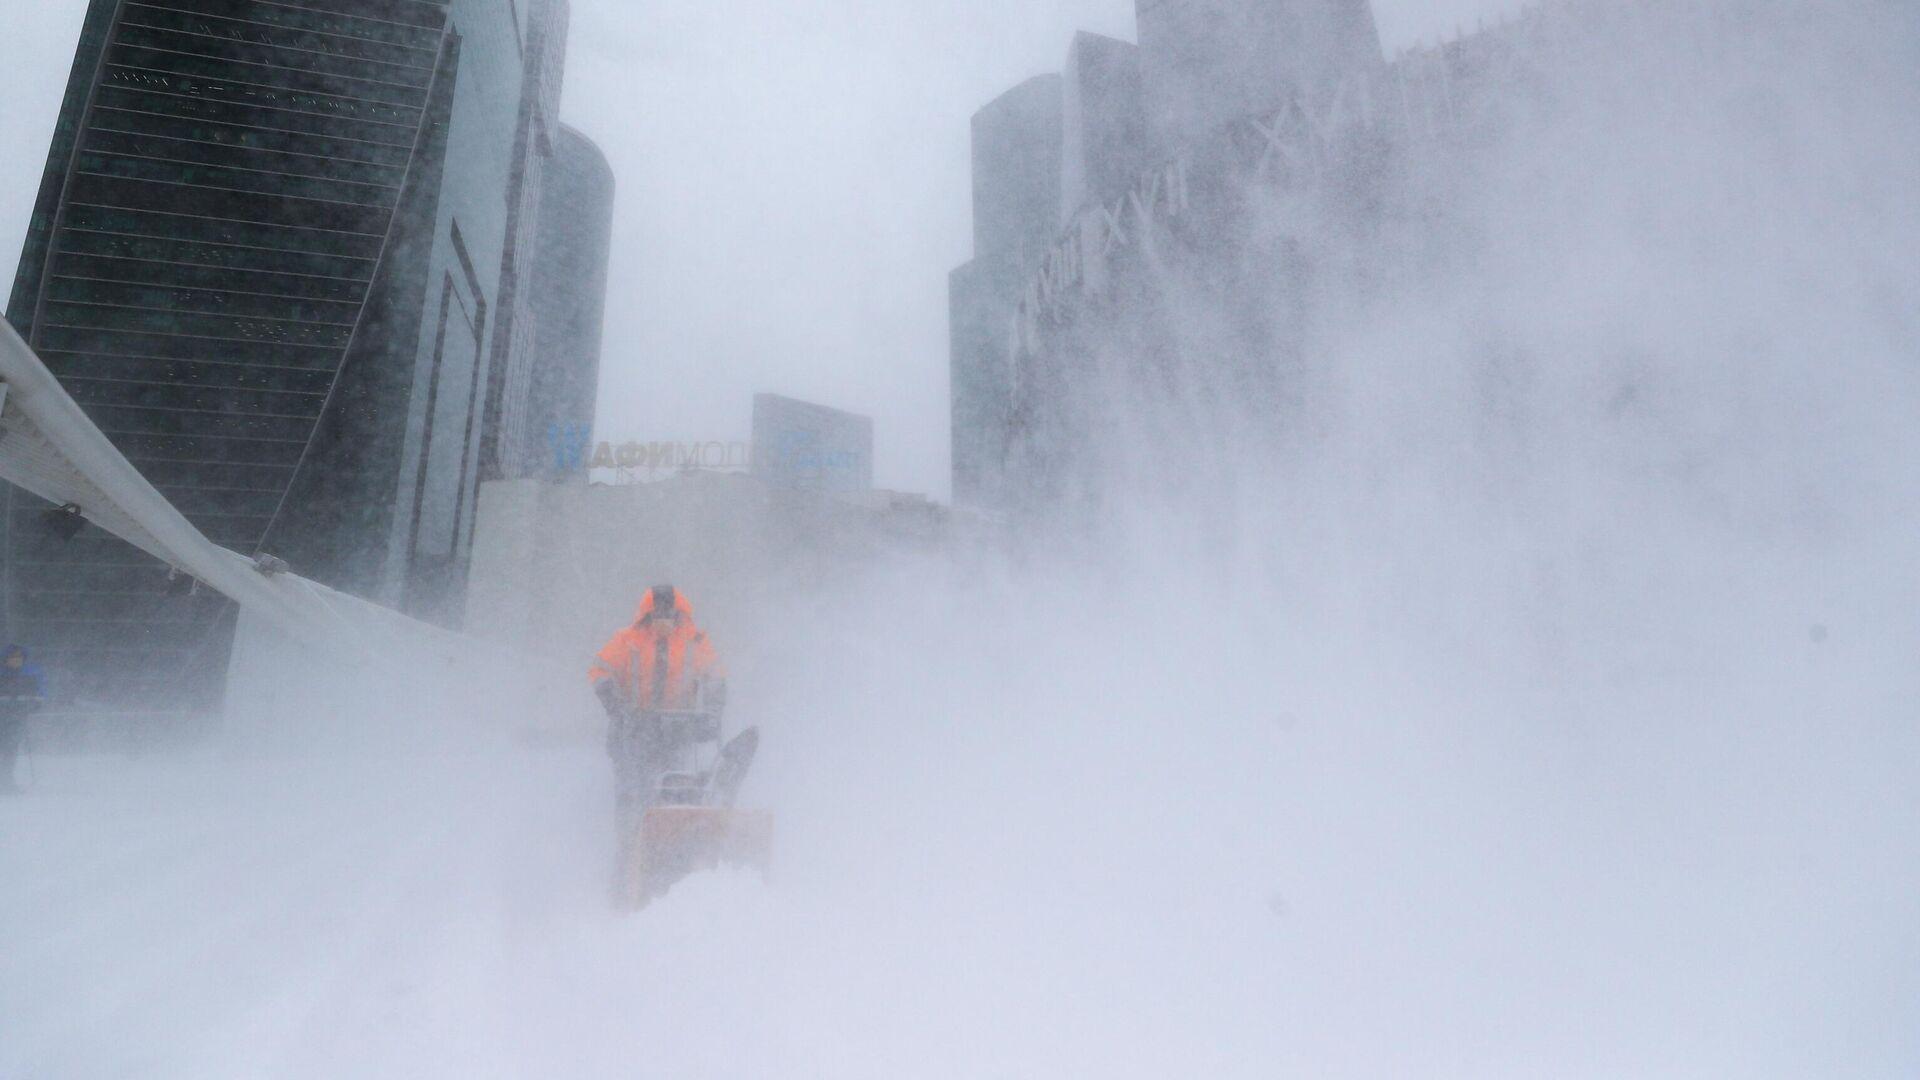 Сотрудник коммунальной службы убирает снег с площади у делового центра Москва-сити - РИА Новости, 1920, 13.02.2021